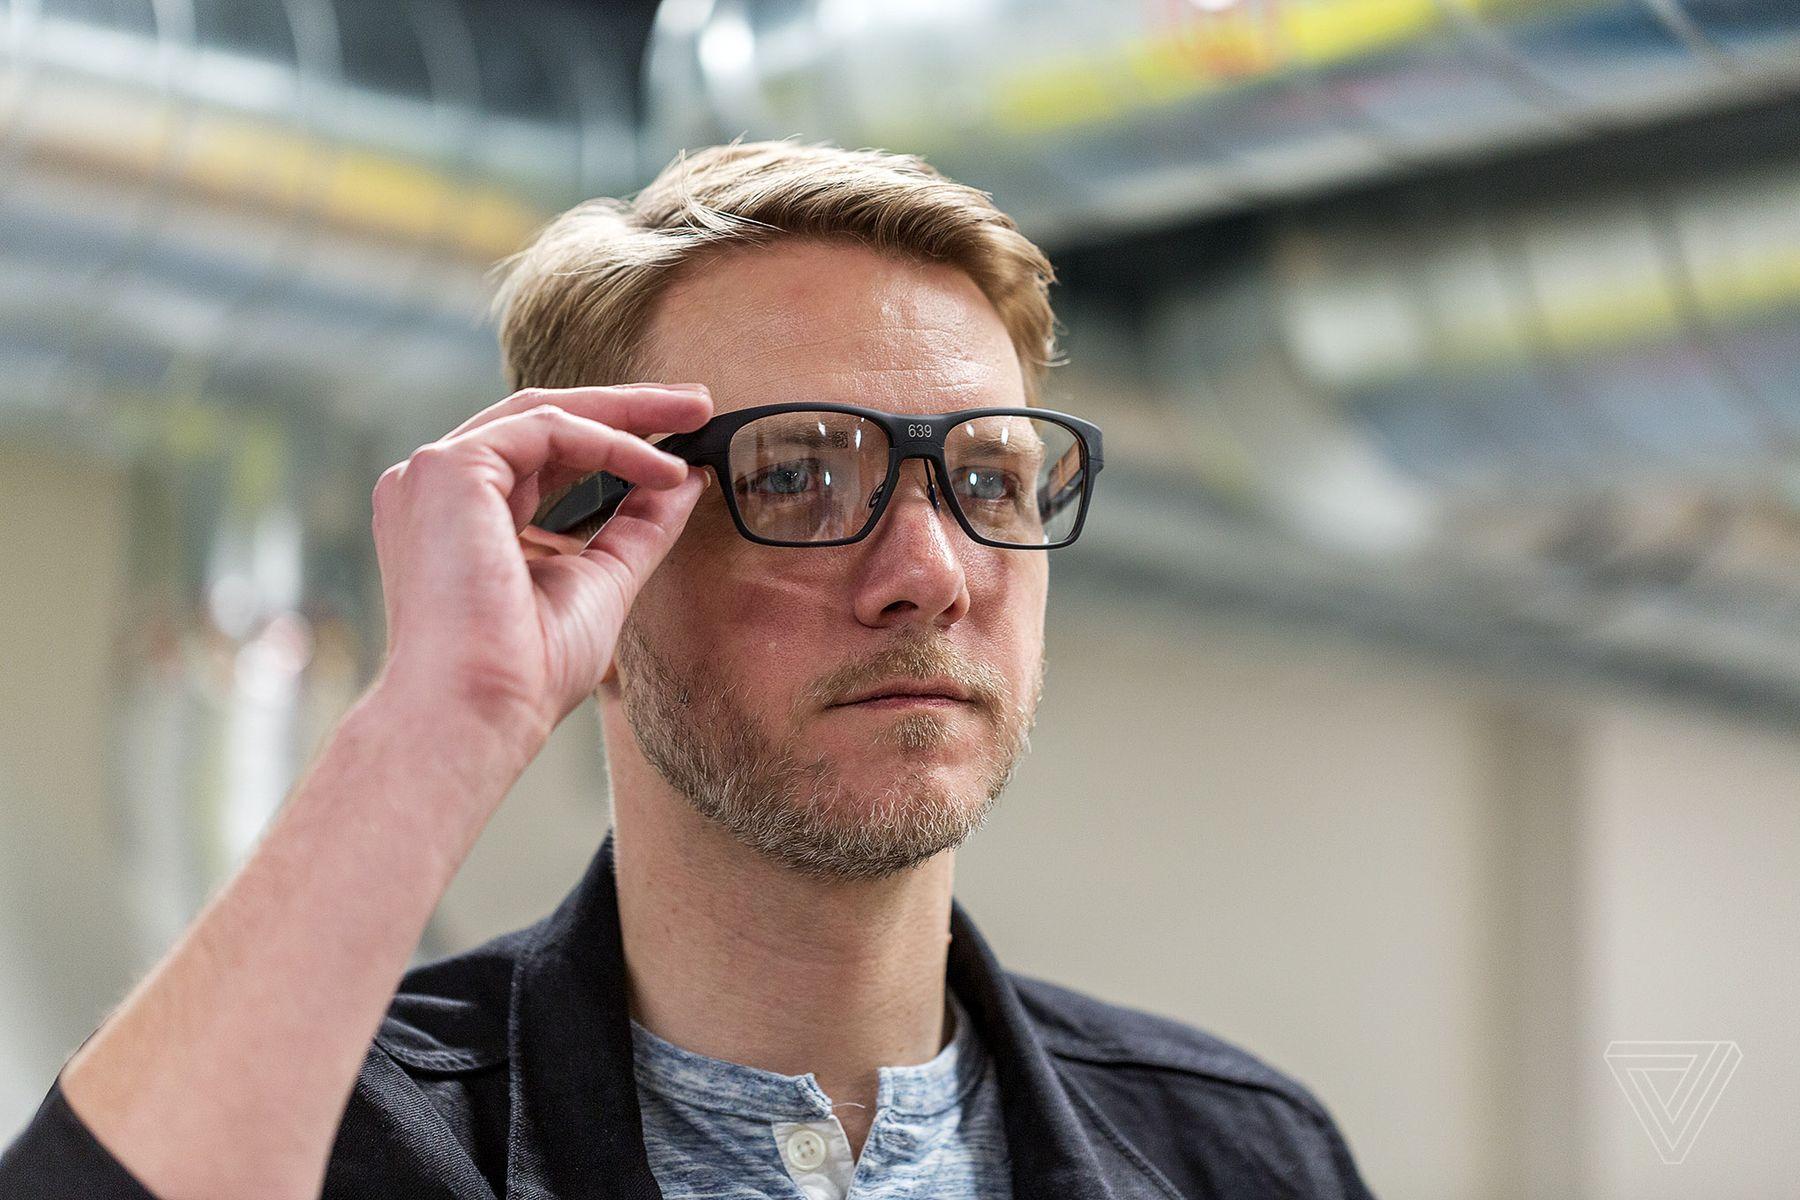 Vaunt, las gafas inteligentes de Intel se muestran por primera vez